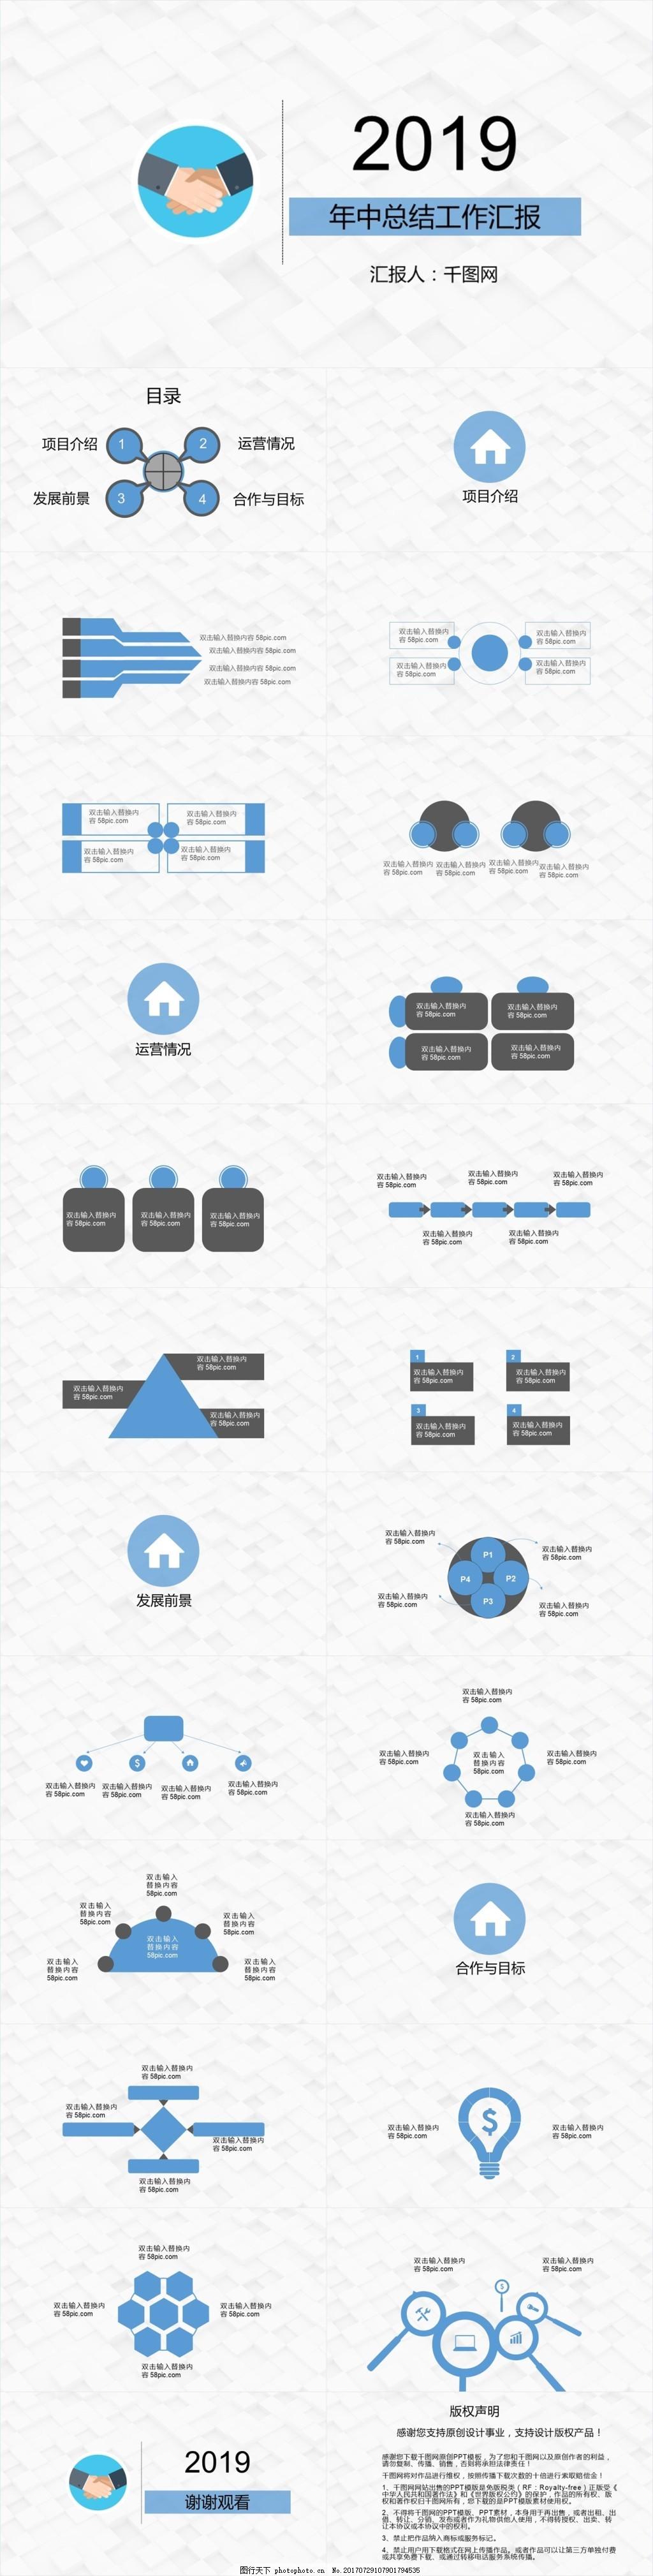 2019年中工作总结汇报PPT模板 报告 展示 市场 计划 项目